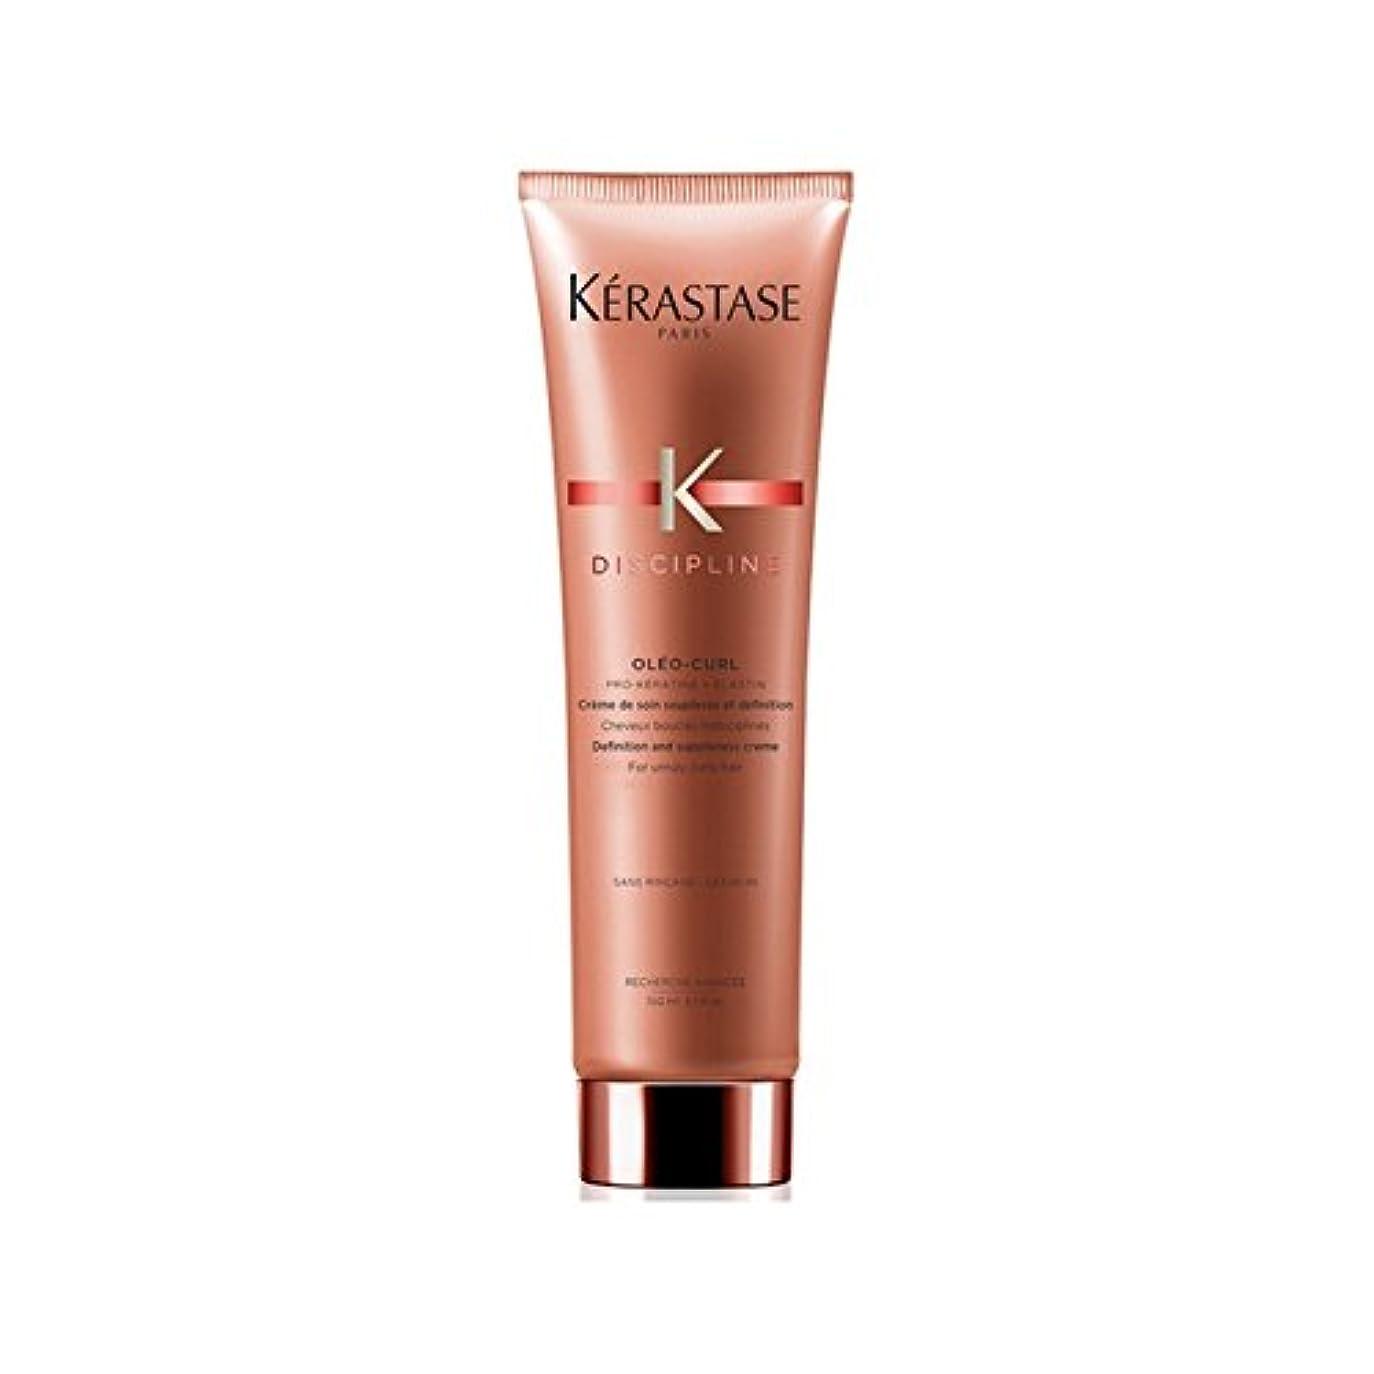 口述稼ぐ出版K?rastase Discipline Curl Ideal Cleansing Conditioner 400ml - 理想的なクレンジングコンディショナー400ミリリットルカールケラスターゼの規律 [並行輸入品]